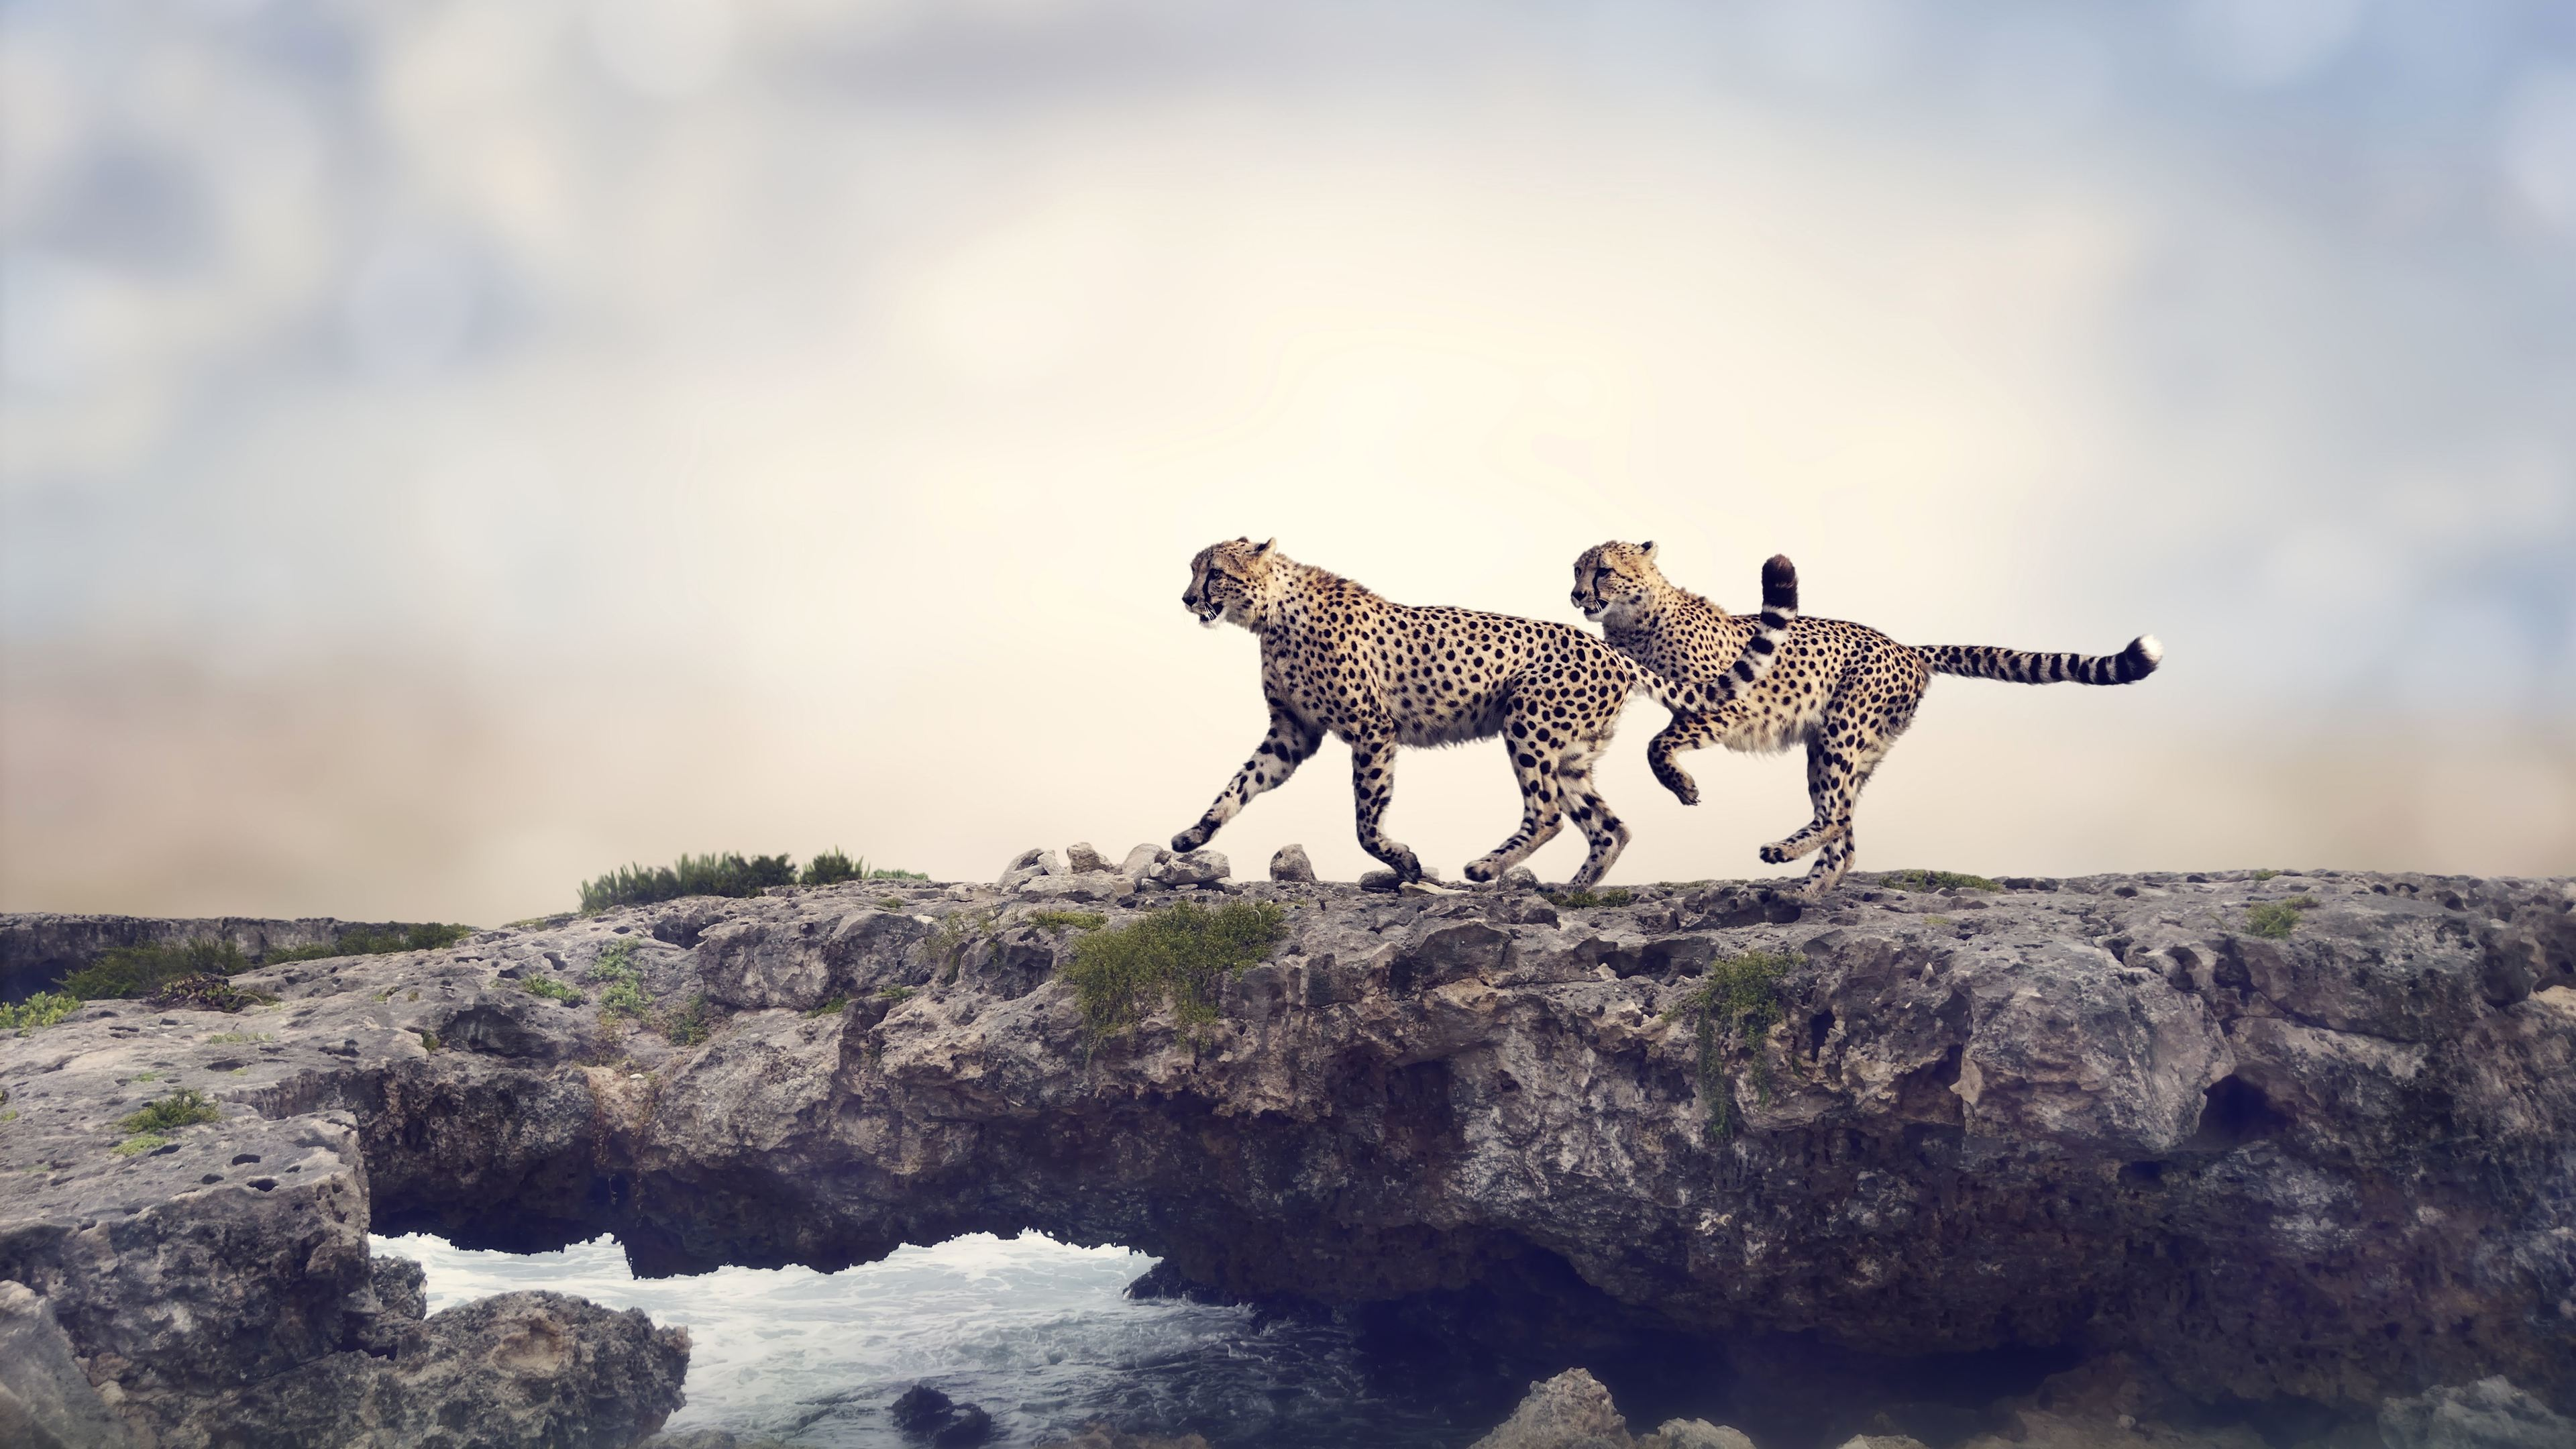 cheetah 4k 1542238028 - Cheetah 4k - photography wallpapers, cheetah wallpapers, animals wallpapers, 5k wallpapers